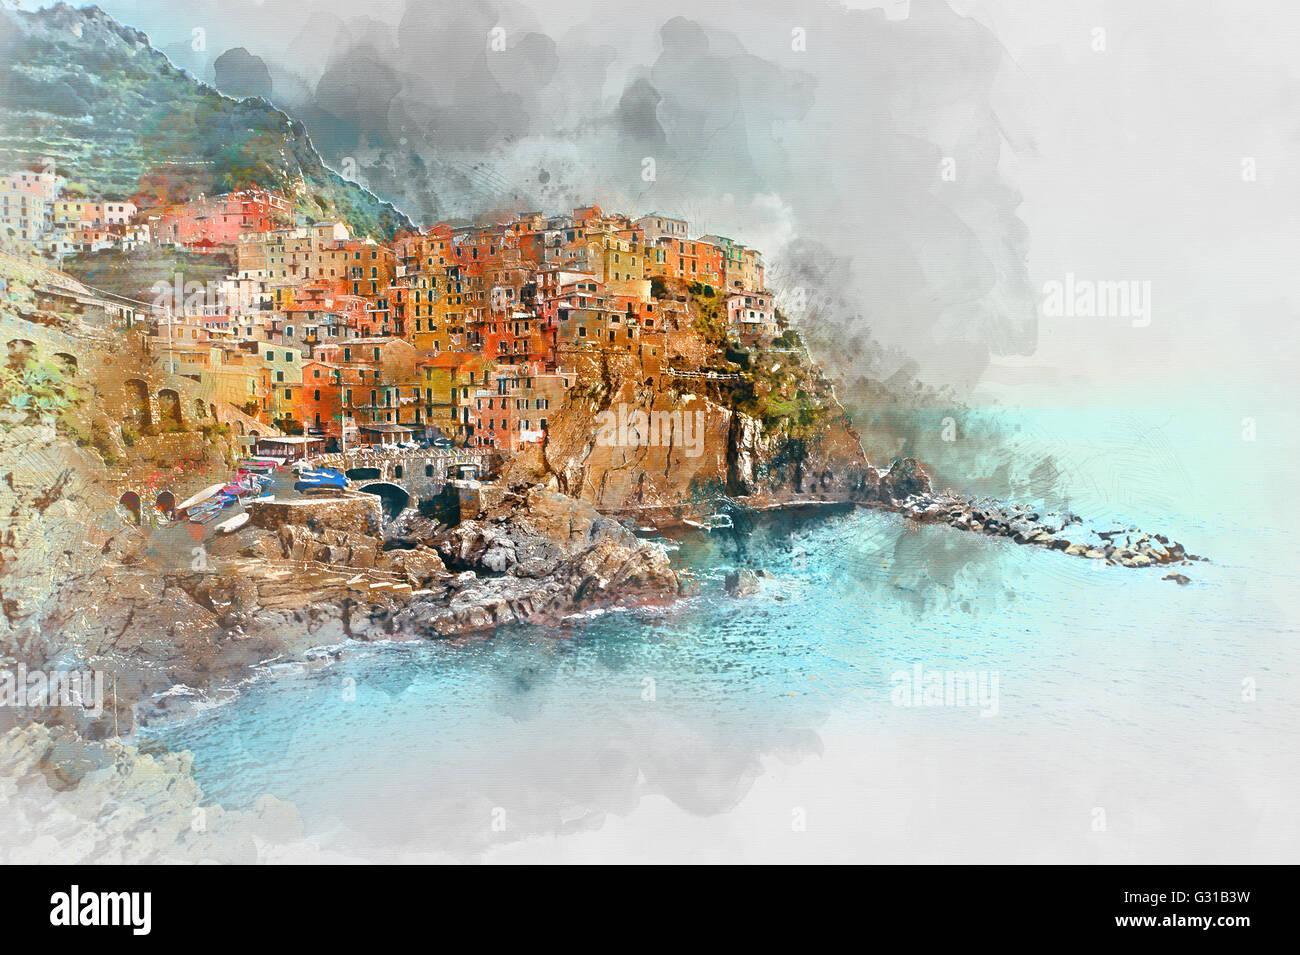 Digitales Aquarell von Manarola. Manarola ist eine Kleinstadt in der Provinz von La Spezia, Ligurien, Norditalien. Stockbild